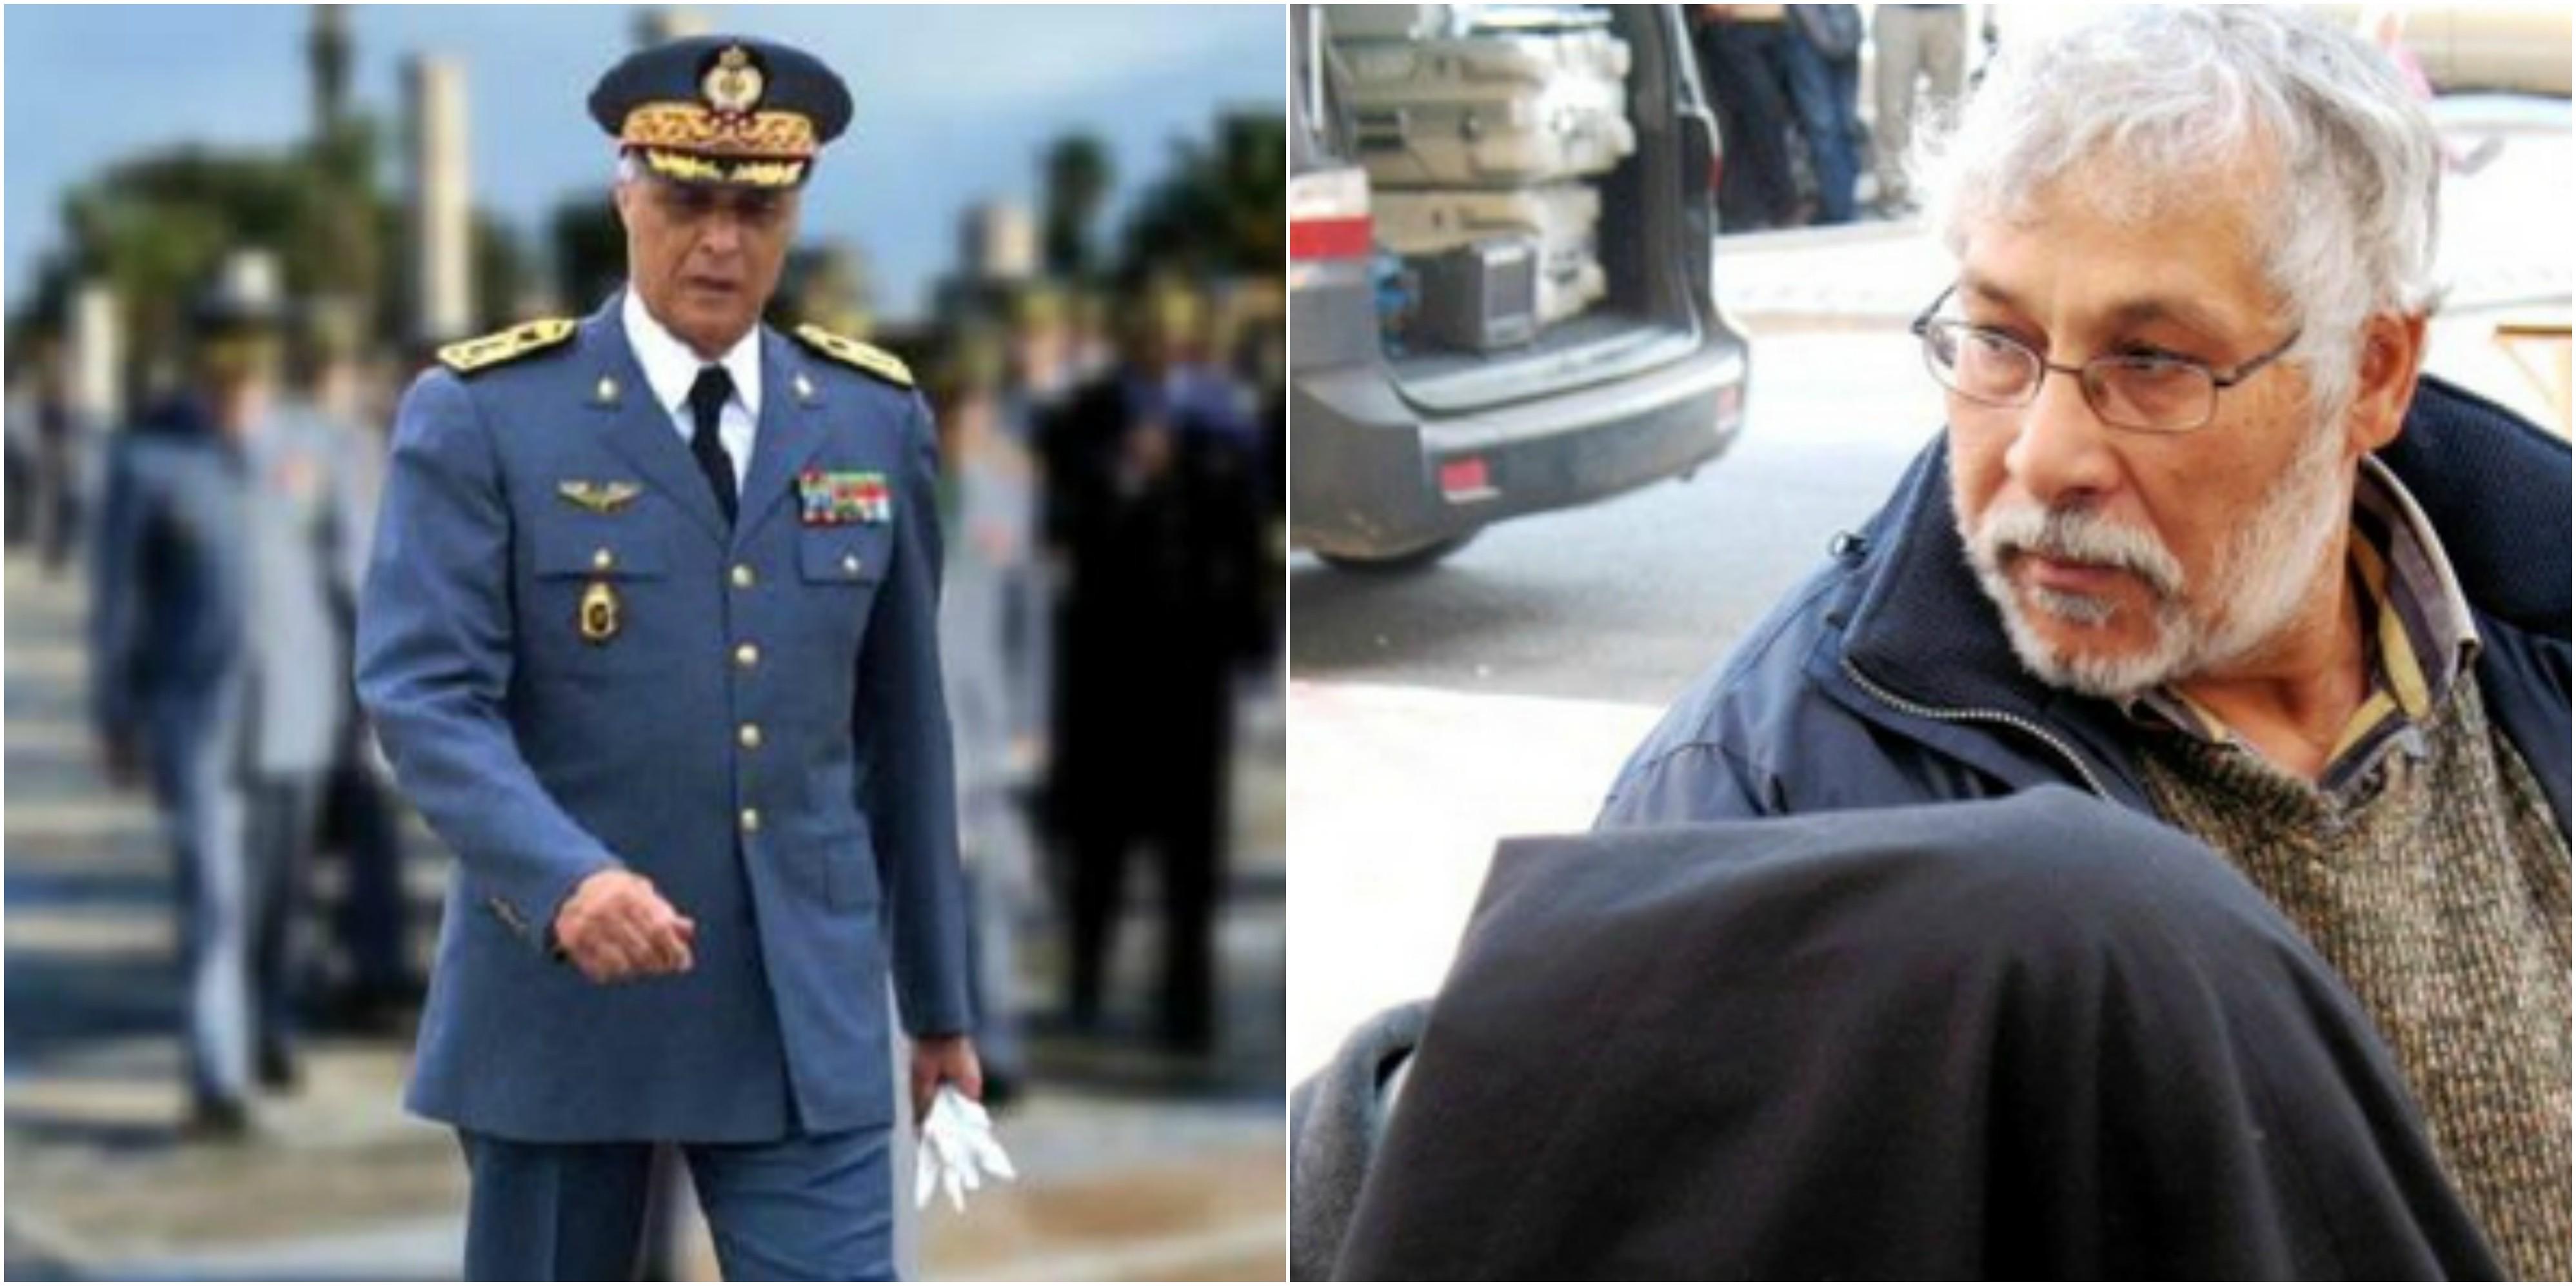 """المخرج شفيق السحيمي يراسل الجنرال حسني بنسليمان بسبب مسلسل """"شوك السدرة"""""""